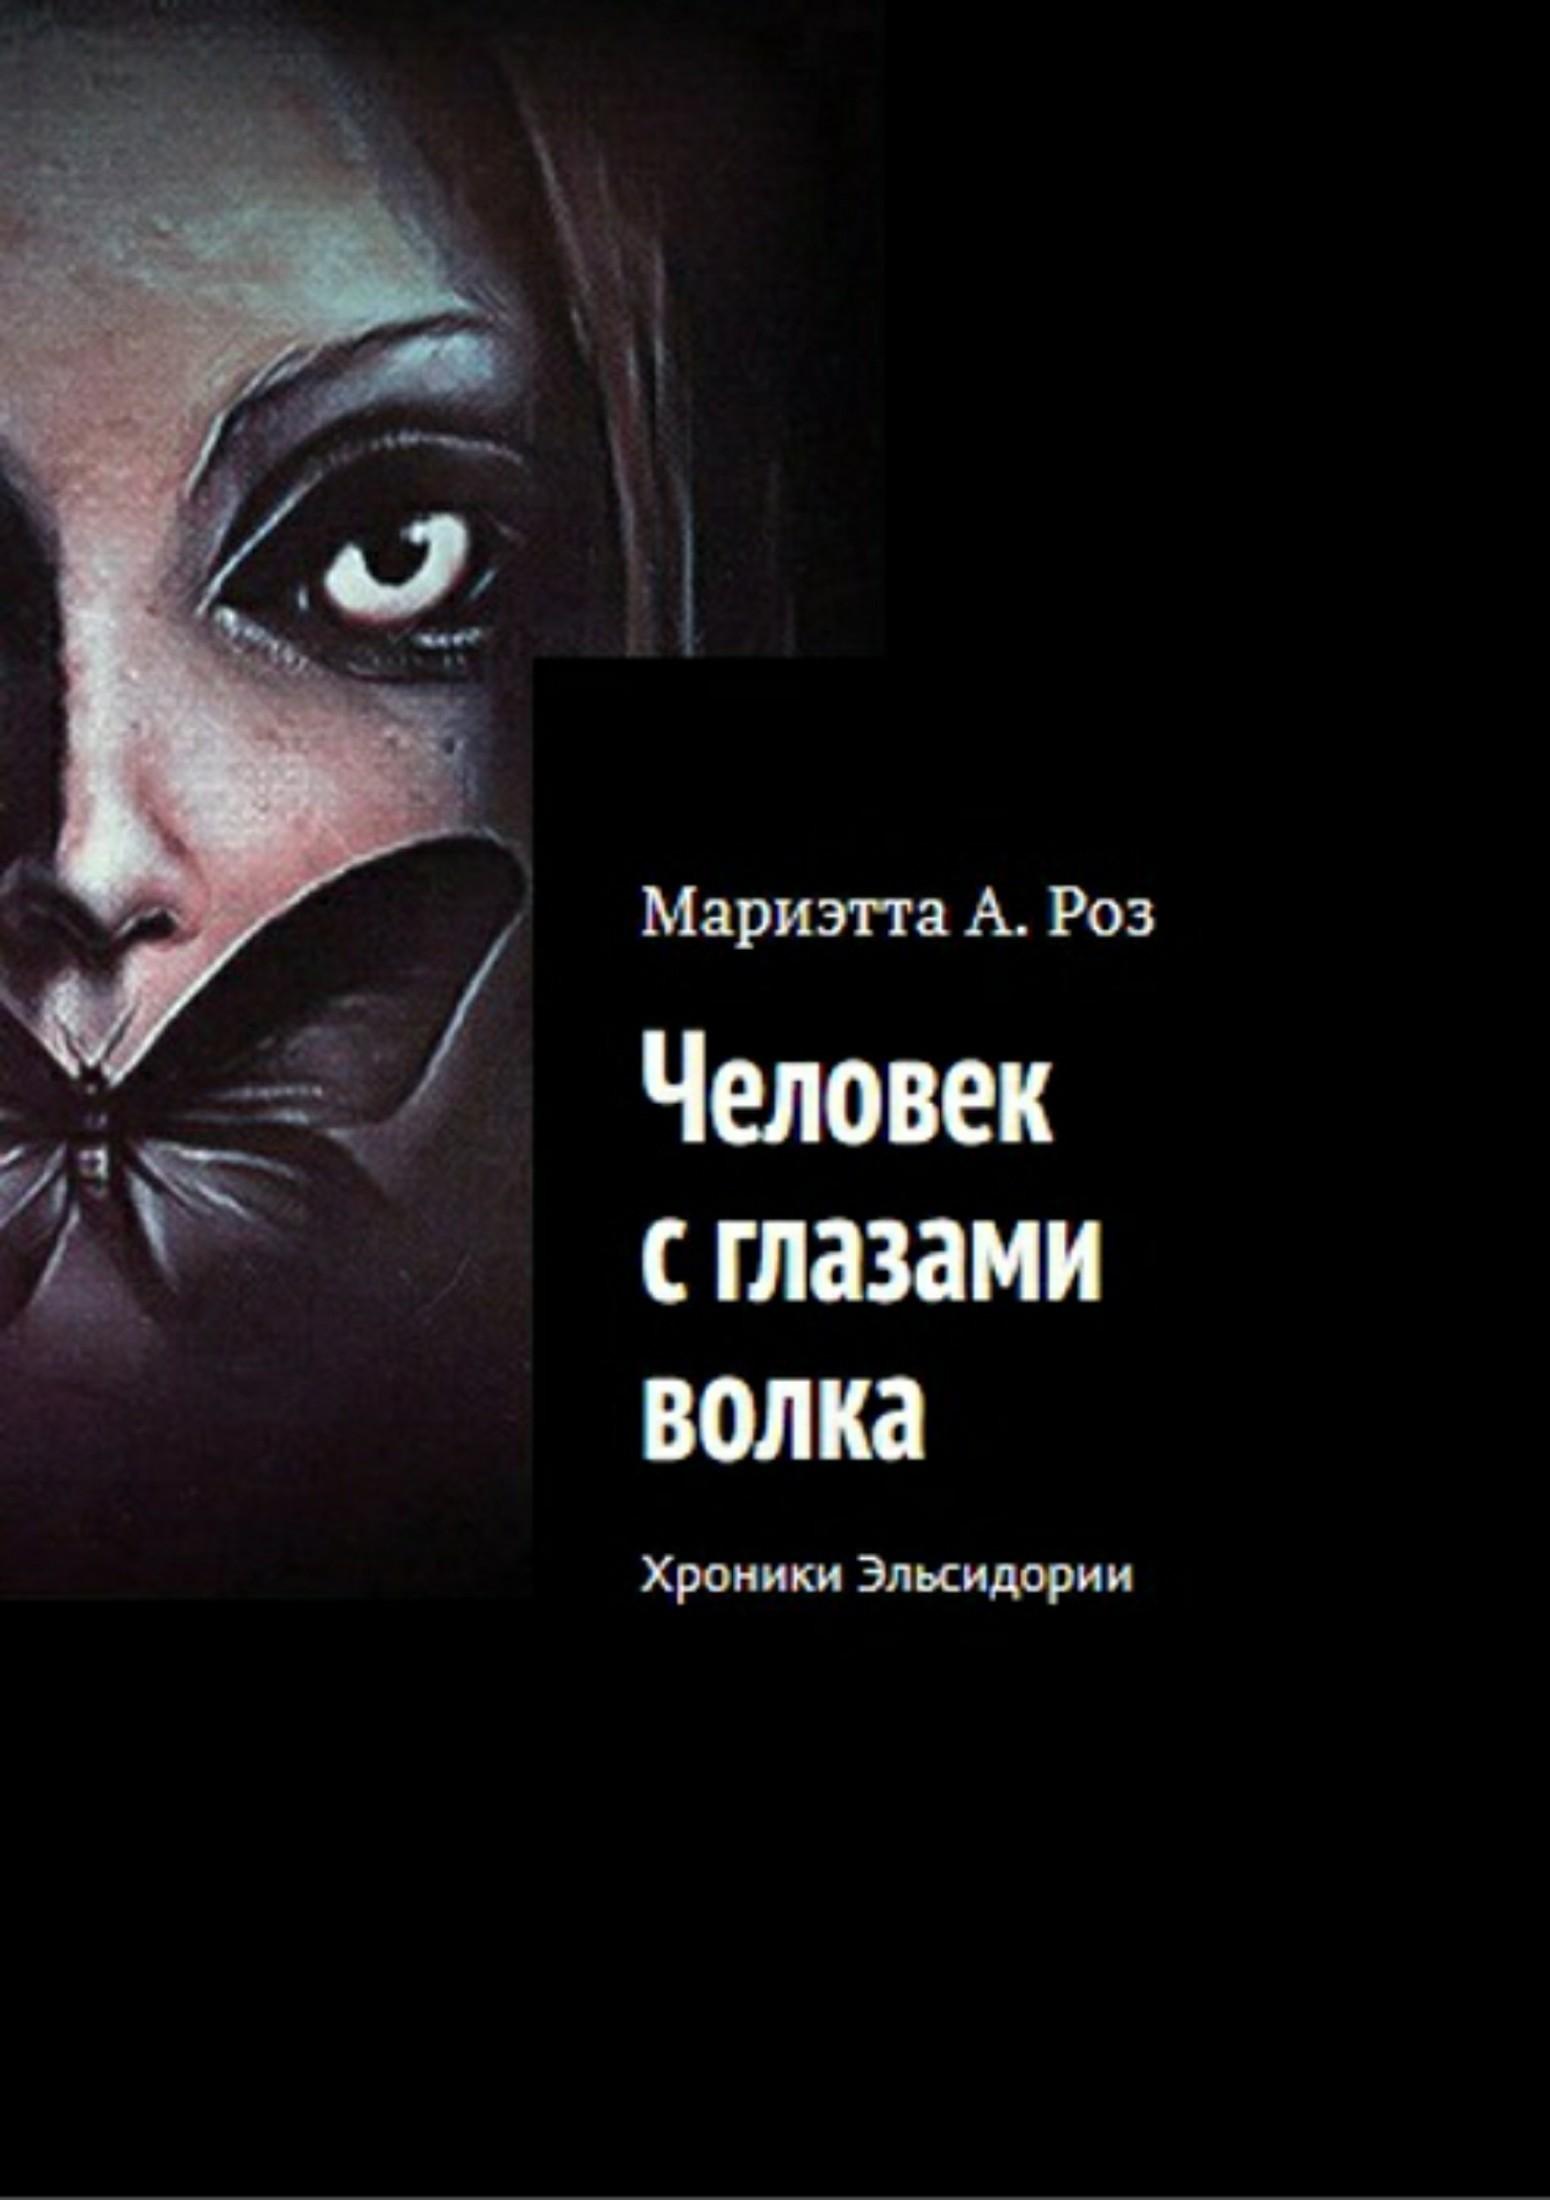 Мариэтта Роз - Человек с глазами волка